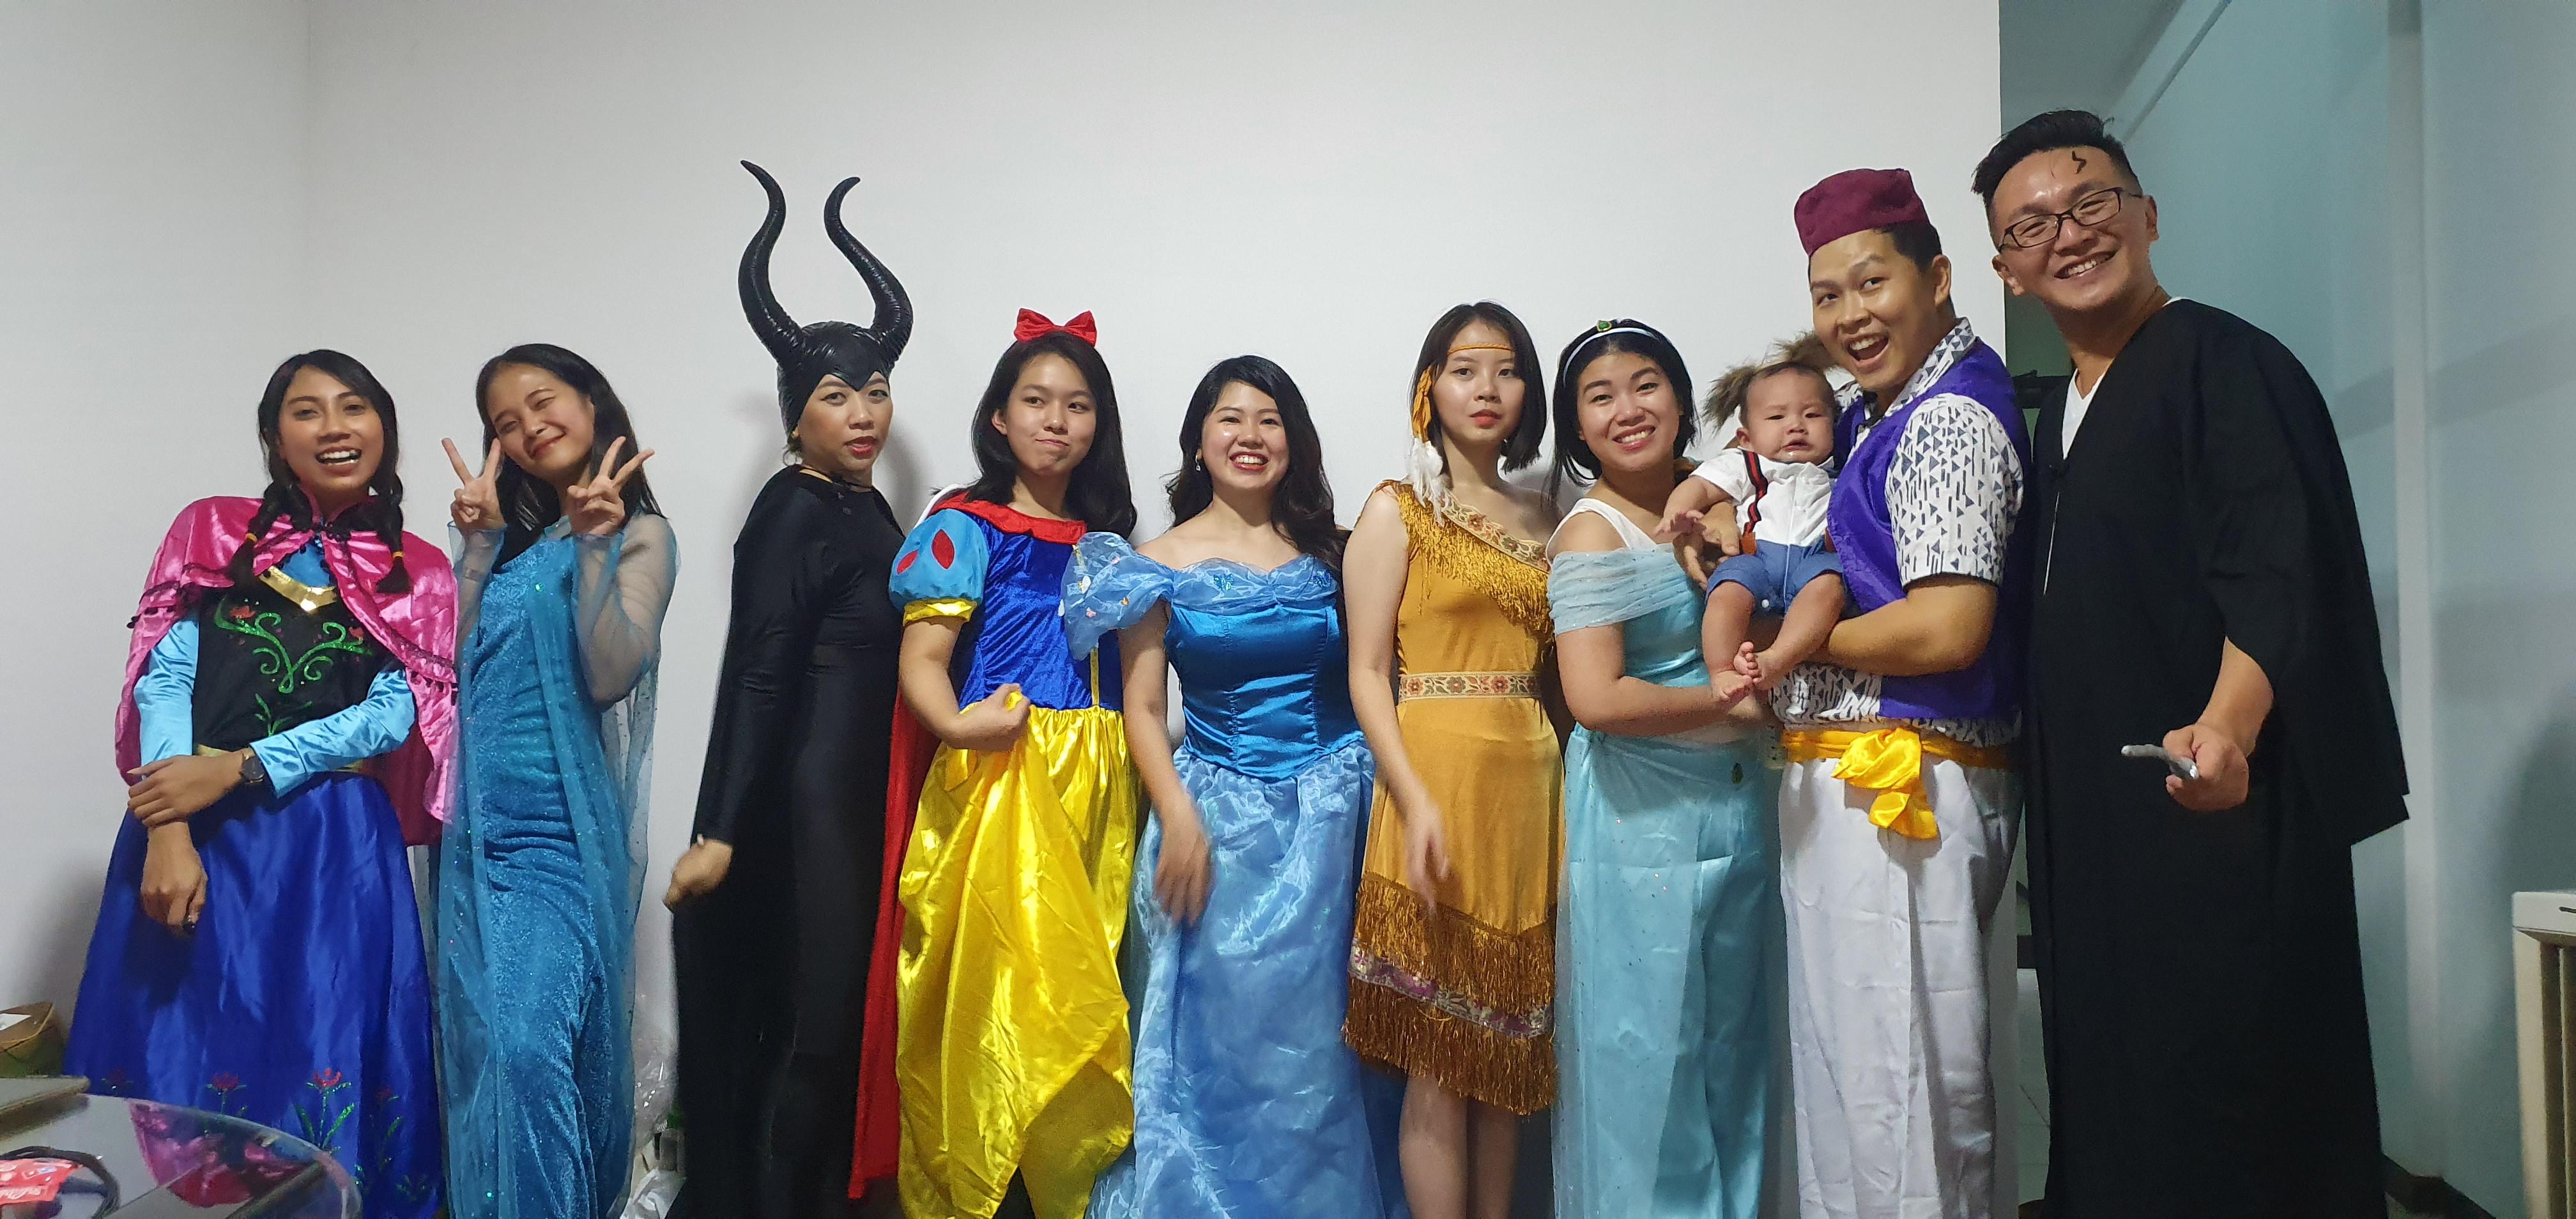 Bright Internships Team Halloween Party